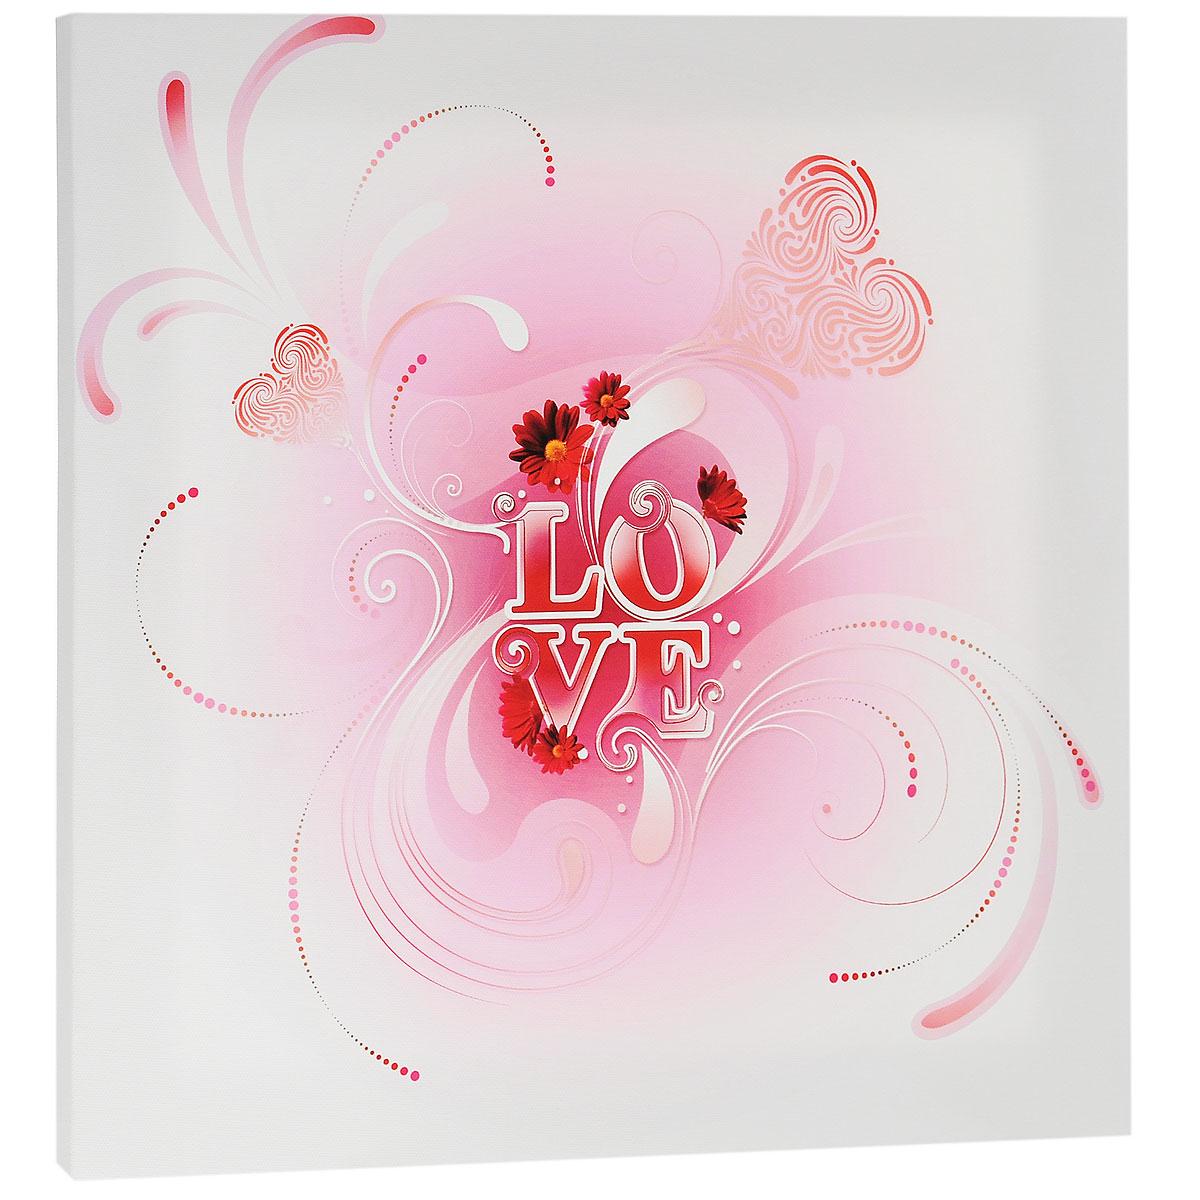 КвикДекор Картина на холсте Любовь, 40 см х 40 смES-412Картина на холсте КвикДекор Любовь - это прекрасное украшение для вашей гостиной или спальни. Она привнесет в интерьер яркий акцент и сделает обстановку комфортной и уютной. A.k.A - лондонская студия-бутик, включающая в себя творческую группу художников, которые часто работают в тесном сотрудничестве друг с другом. Их работы были отмечены по всему миру для таких крупных компаний, как Dreamworks, Pepsi, Random House, Ford, Avia, Mazda, Future, TIME, Phillip Morris, Bacardi и многие другие. Студия A.k.A была даже номинирована на Оскар, как независимая студия анимации в Лондоне. Их работы создаются с помощью сочетания фотографий, 3D-моделирования, обработки в Photoshop, традиционного ретуширования, рисунка карандашом, векторной графики и пера и чернил. Этот уникальный и многоплановый стиль делает студию A.k.A выдающейся. Работы художников-дизайнеров студии сразу бросаются в глаза и мало кого оставляют равнодушными. Картина на холсте КвикДекор Любовь не нуждается в рамке или багете - галерейная натяжка холста на подрамники выполнена очень аккуратно, а боковые части картины запечатаны продолжением картинки либо тоновой заливкой. На обратной стороне подрамника есть отверстие, благодаря которому картину можно легко закрепить на стене, и подкорректировать ее положение. Картина на холсте Любовь дизайн-студии A.k.A станет отличным украшением для вашего интерьера!